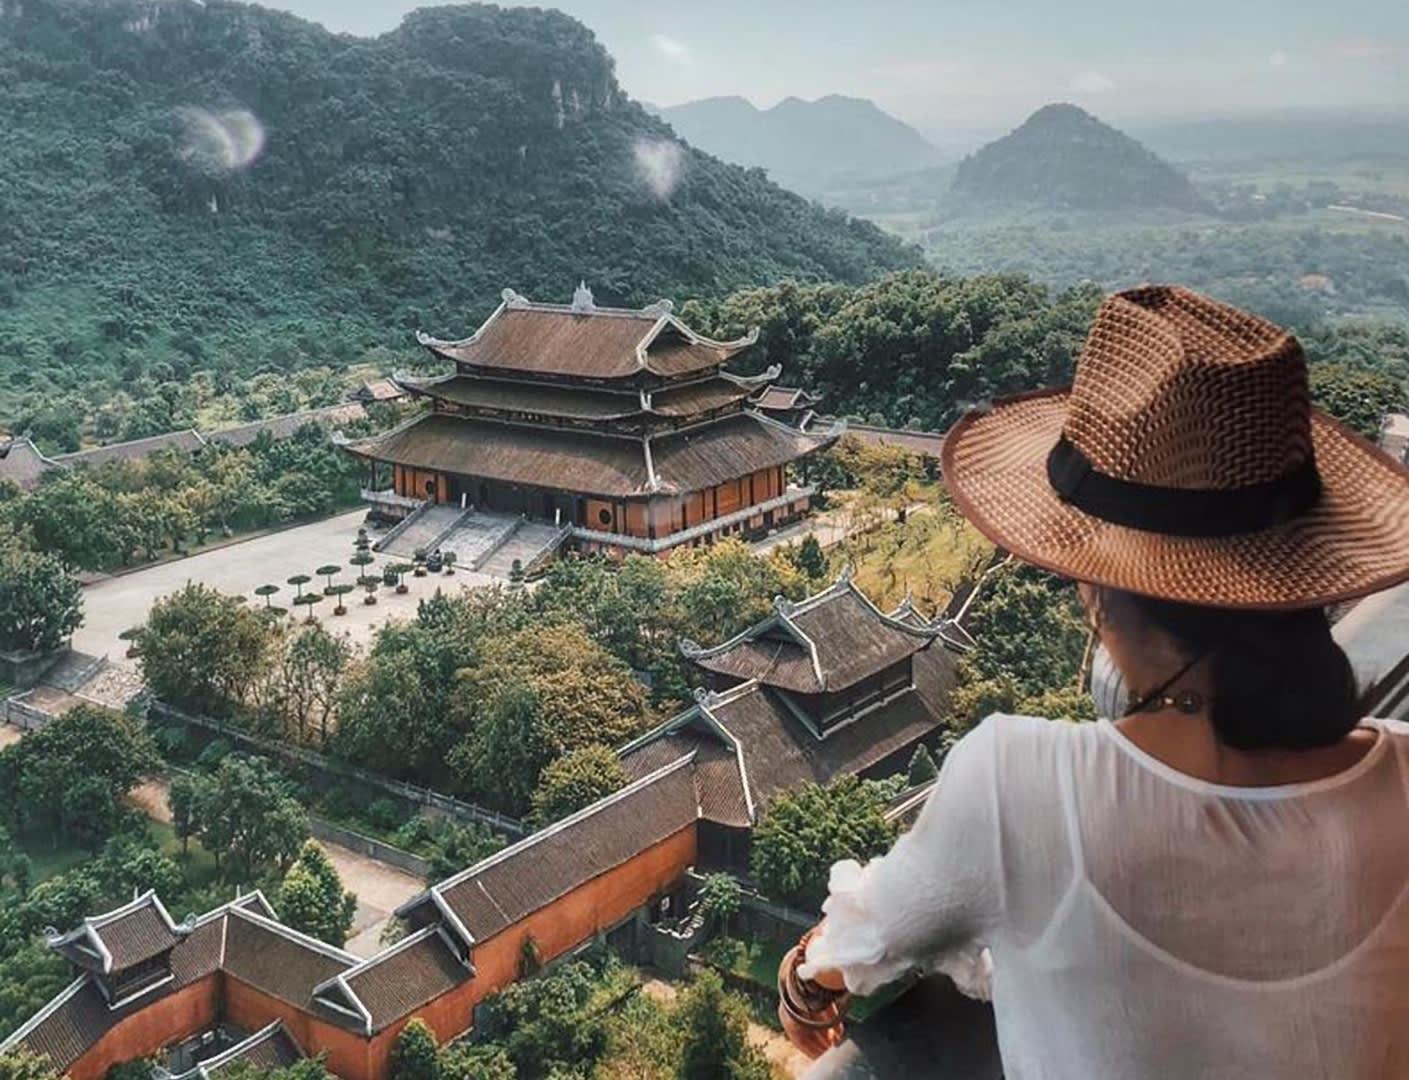 Trang An's pagoda views